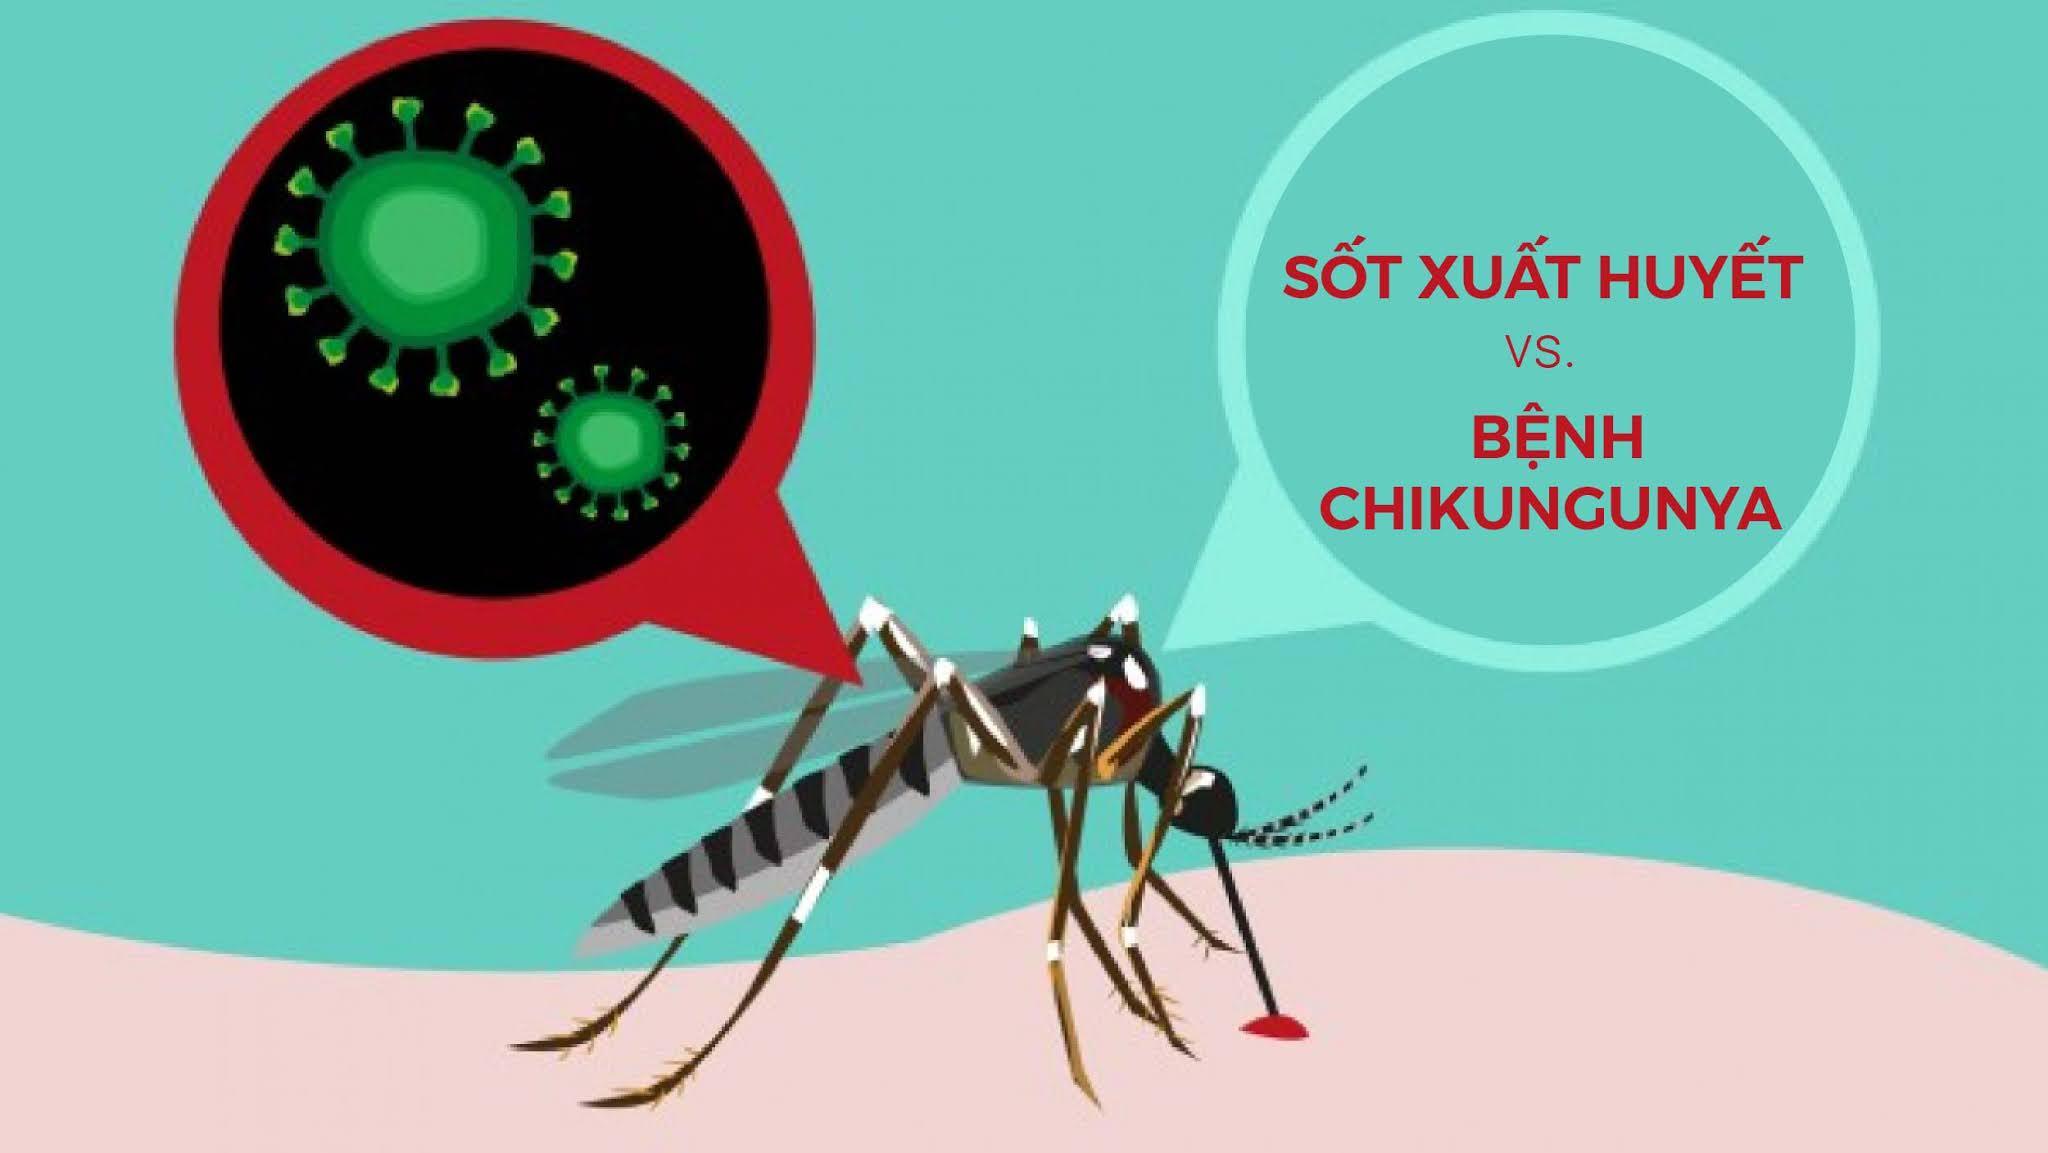 Sốt xuất huyết và bệnh Chikungunya: Sự khác biệt là gì?